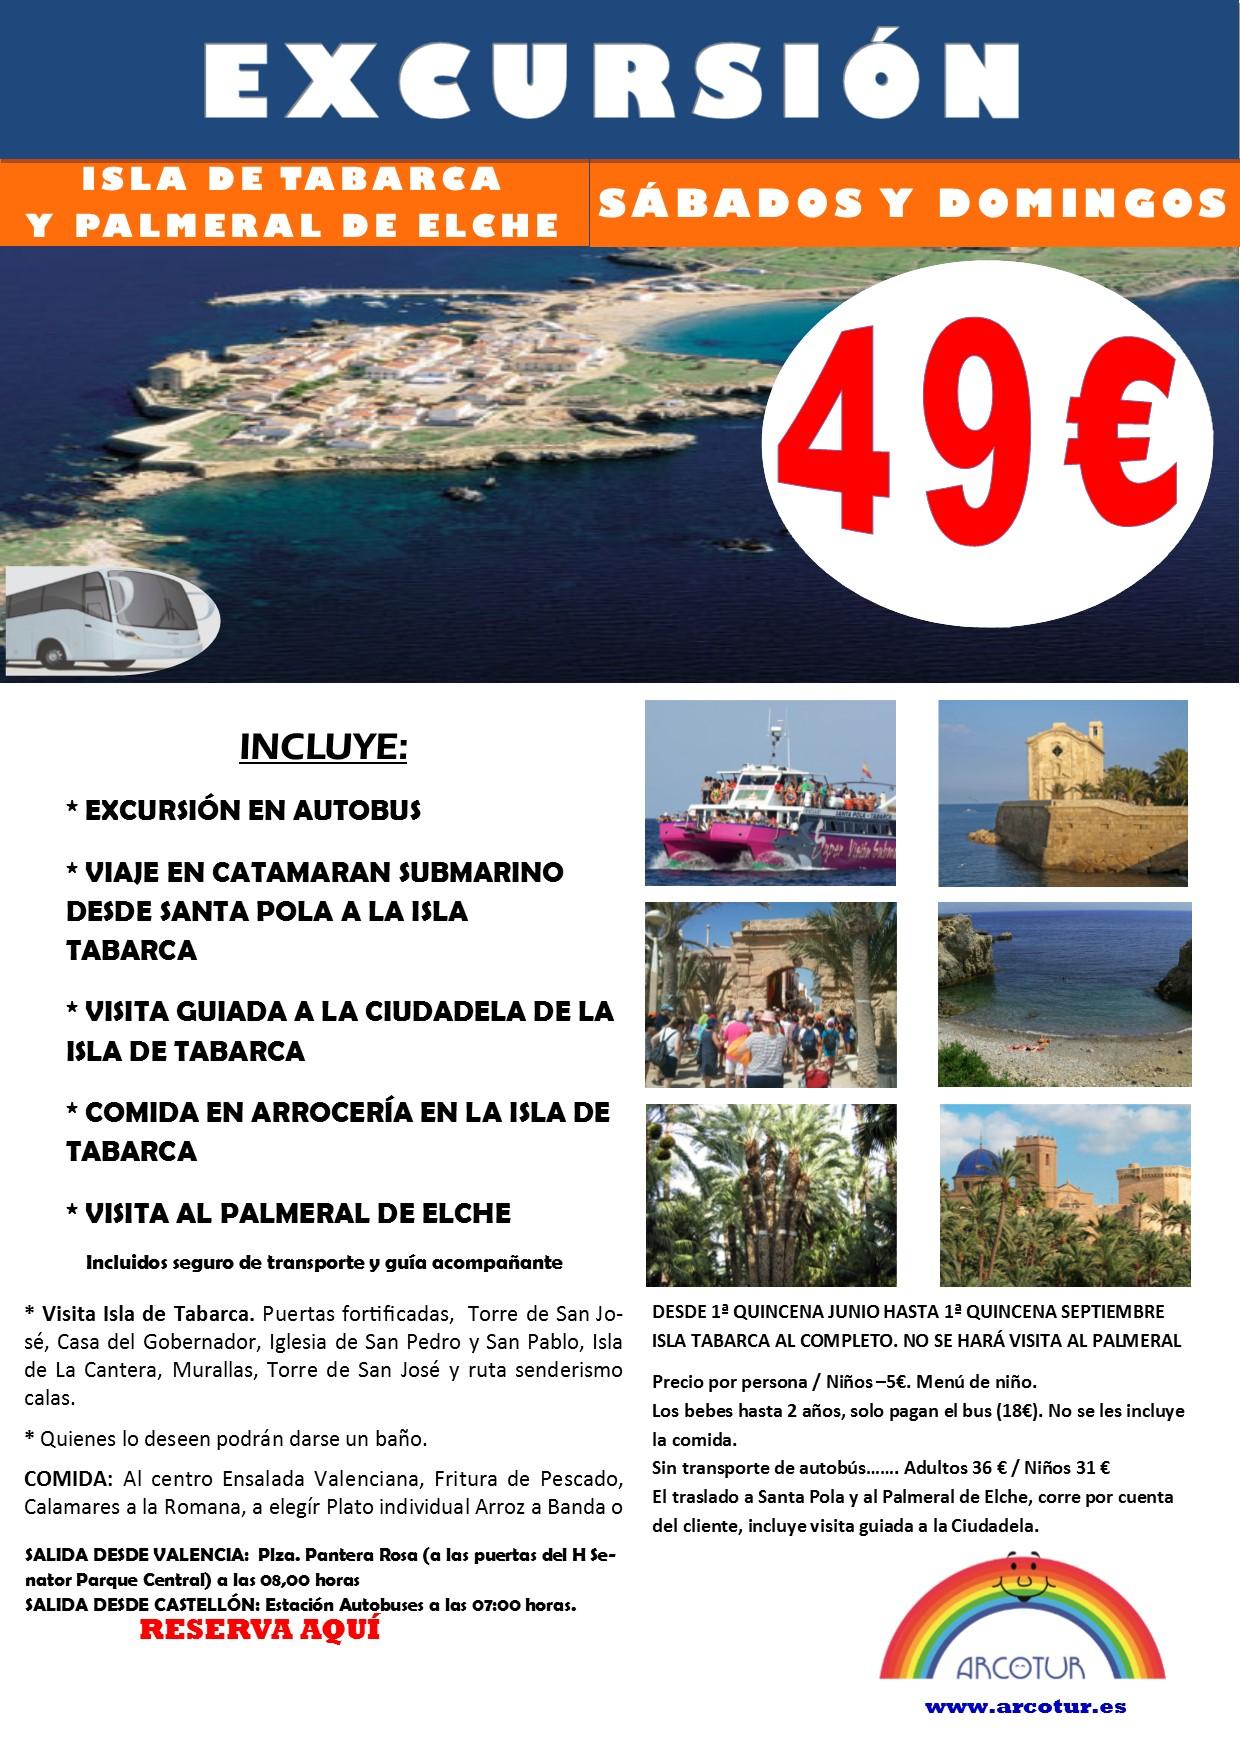 EXCURSION ELCHE ISLA DE TABARCA 2018